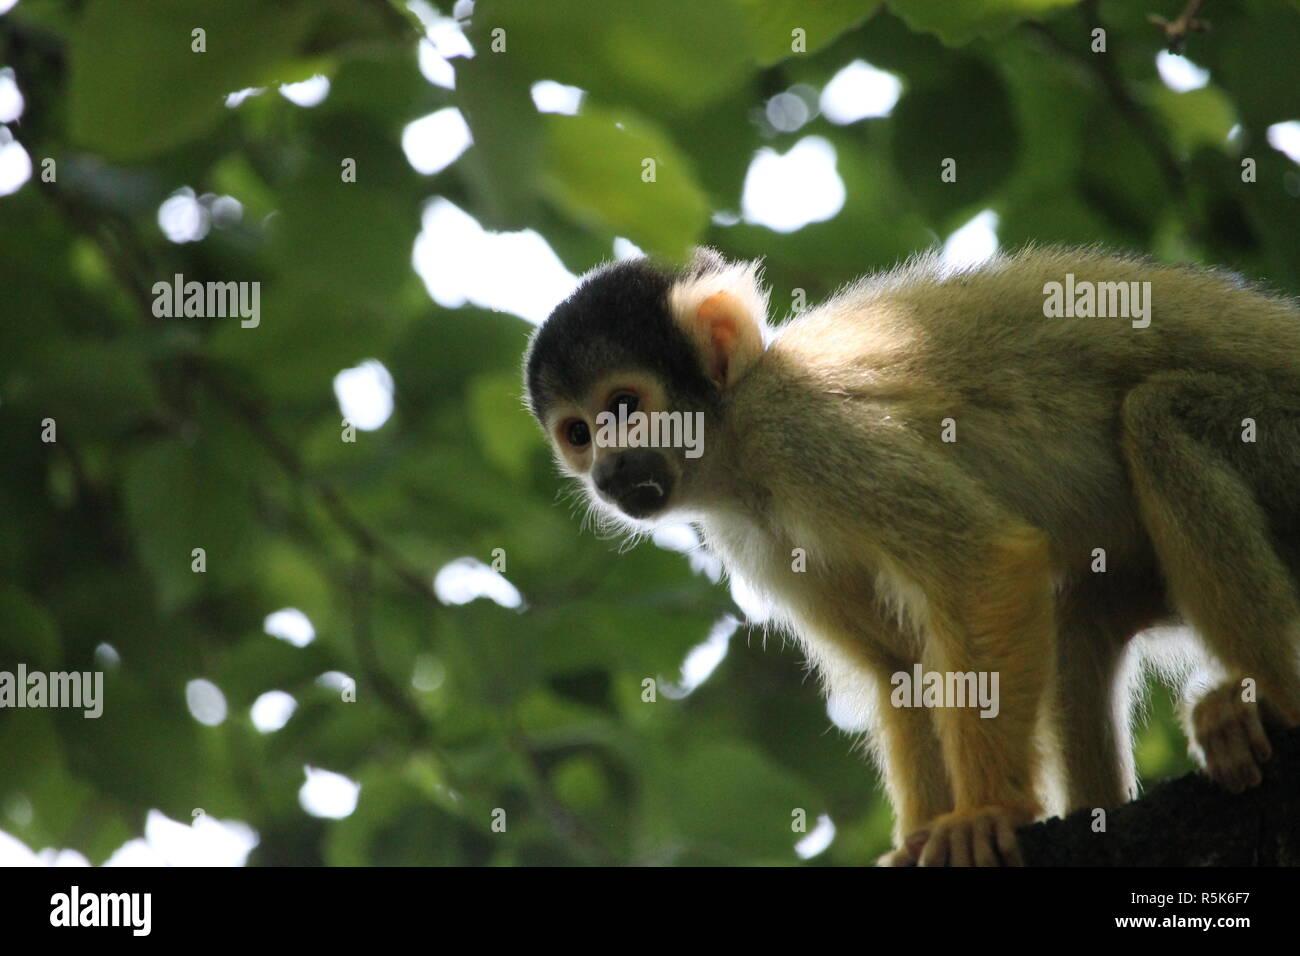 Die Totenkopfaffen oder Totenkopfäffchen (Saimiri) sind eine Primatengattung aus der Familie der Kapuzinerartigen. Stock Photo